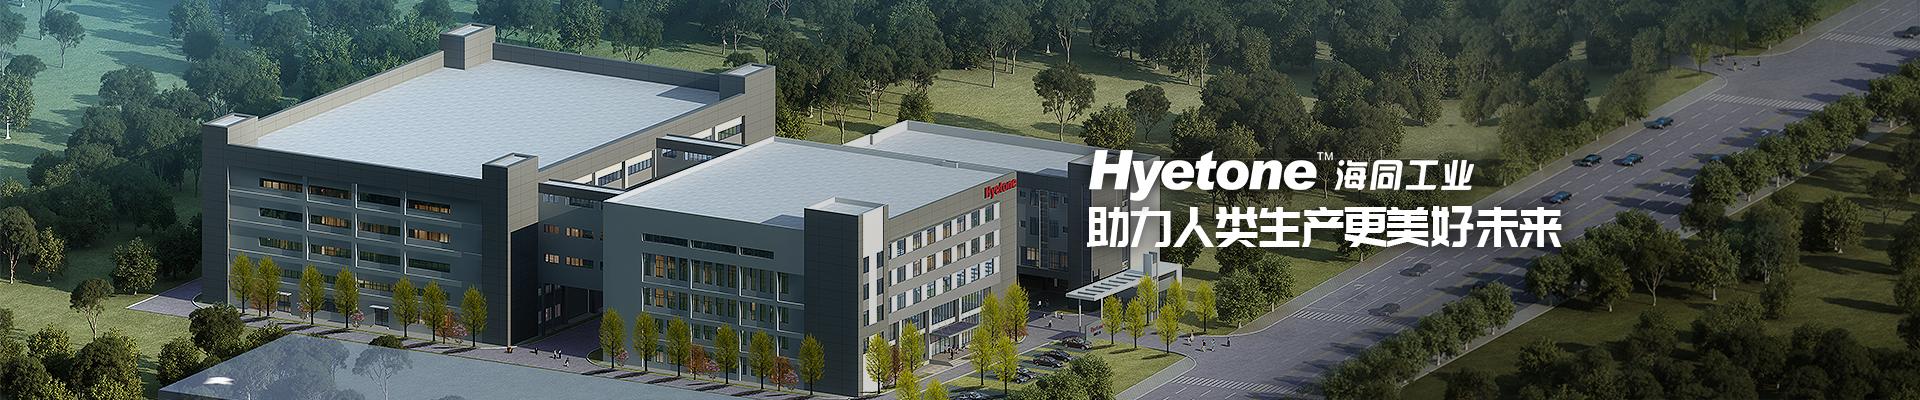 海同-HYETONE助力人类生产更美好未来